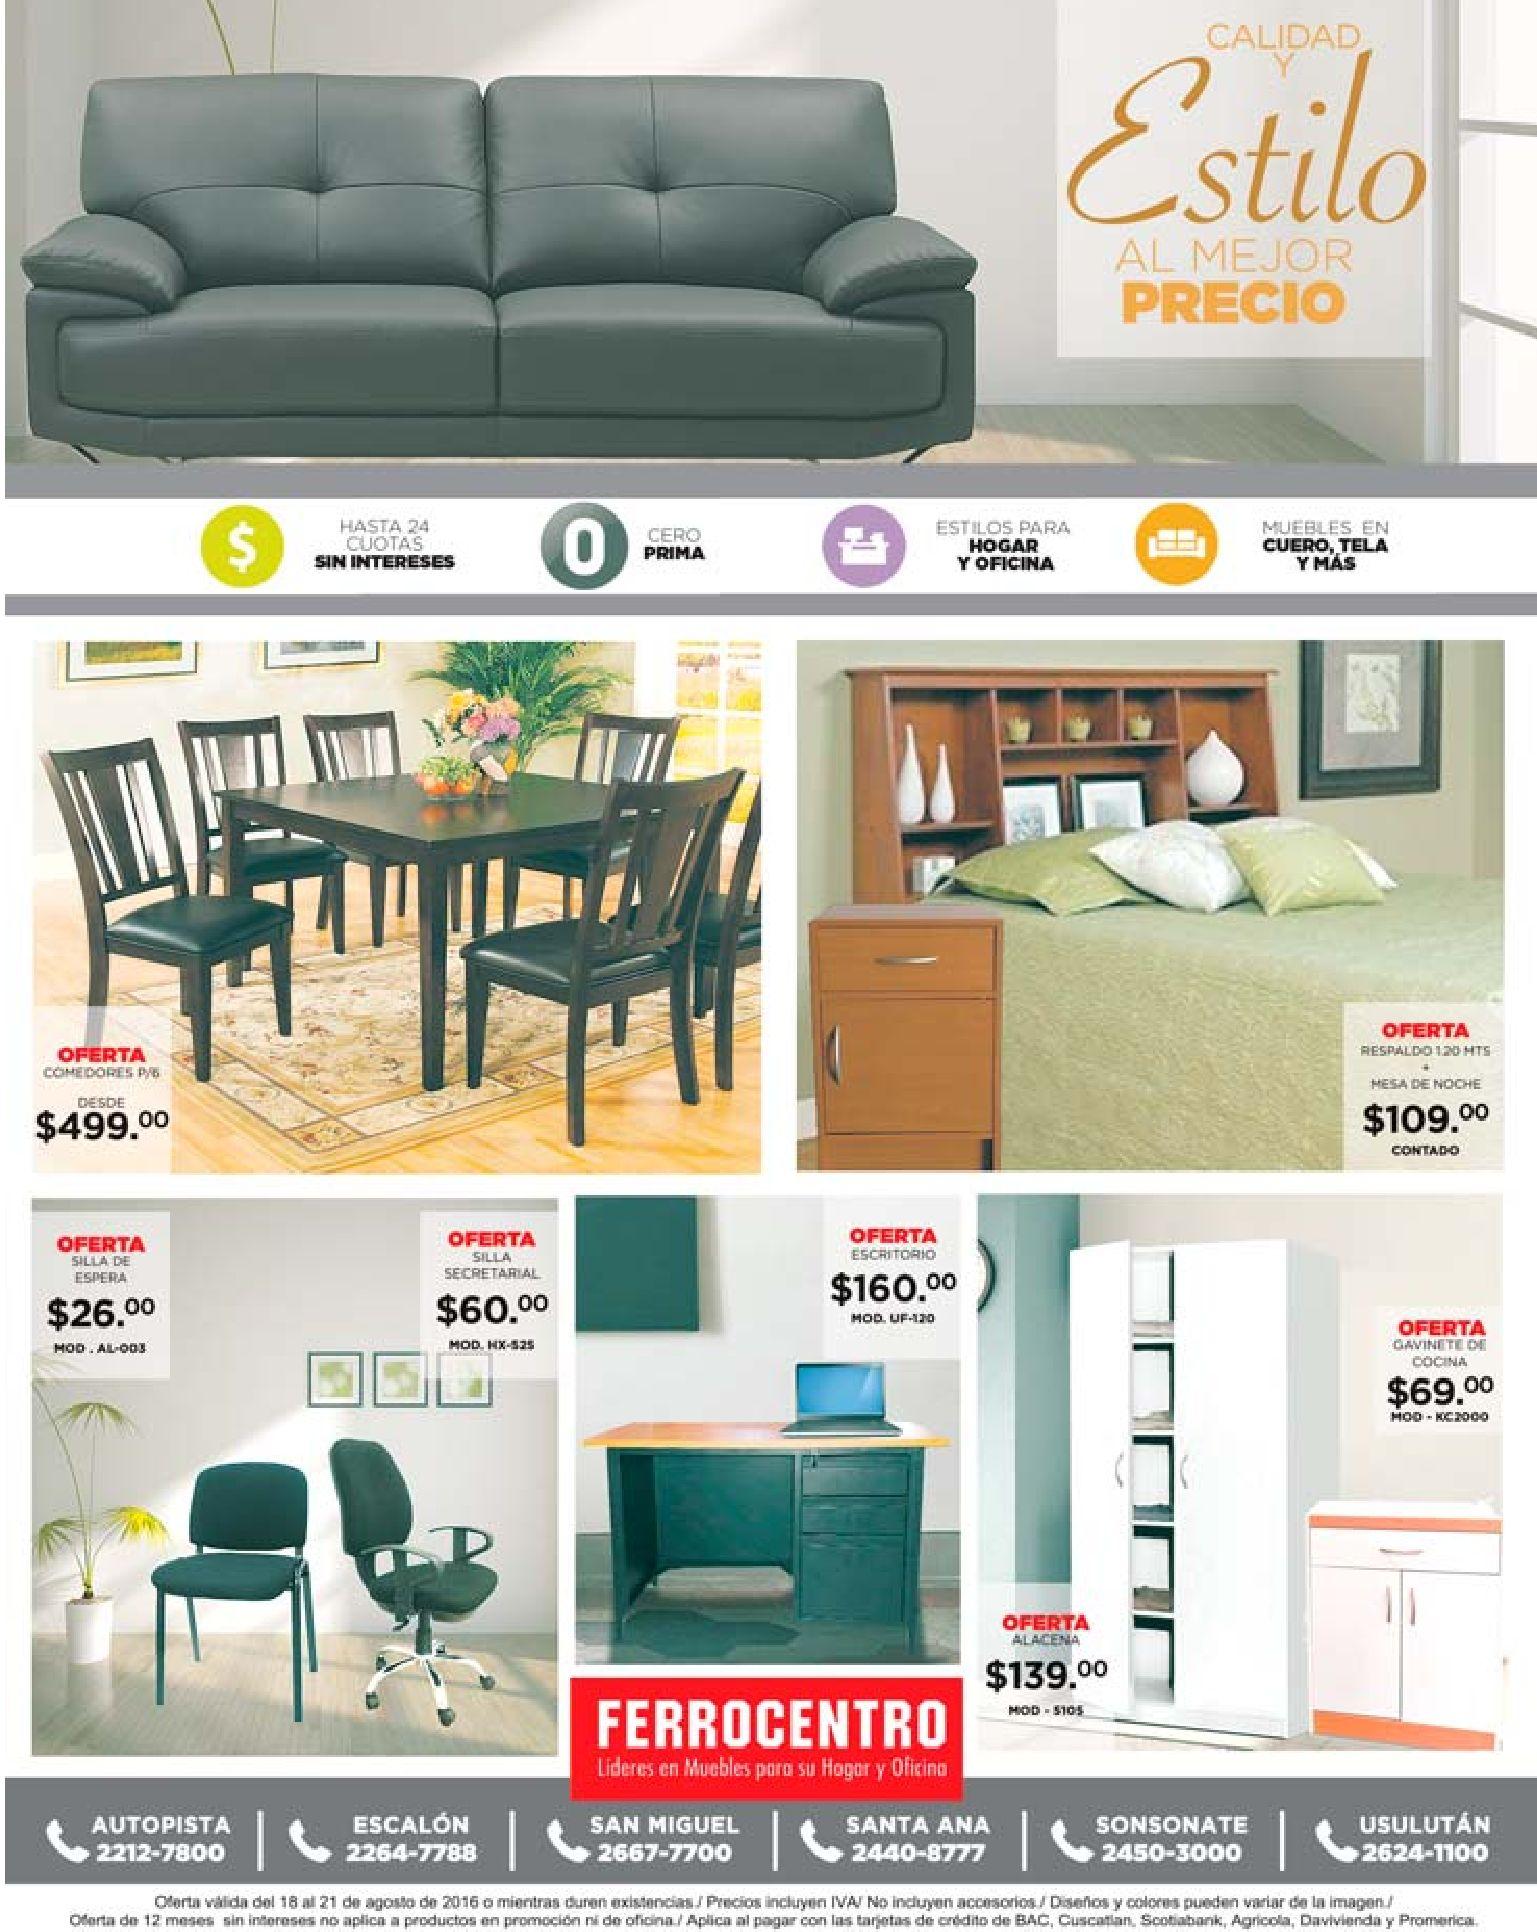 Venta de muebles para bebe el salvador - Muebles a buen precio ...